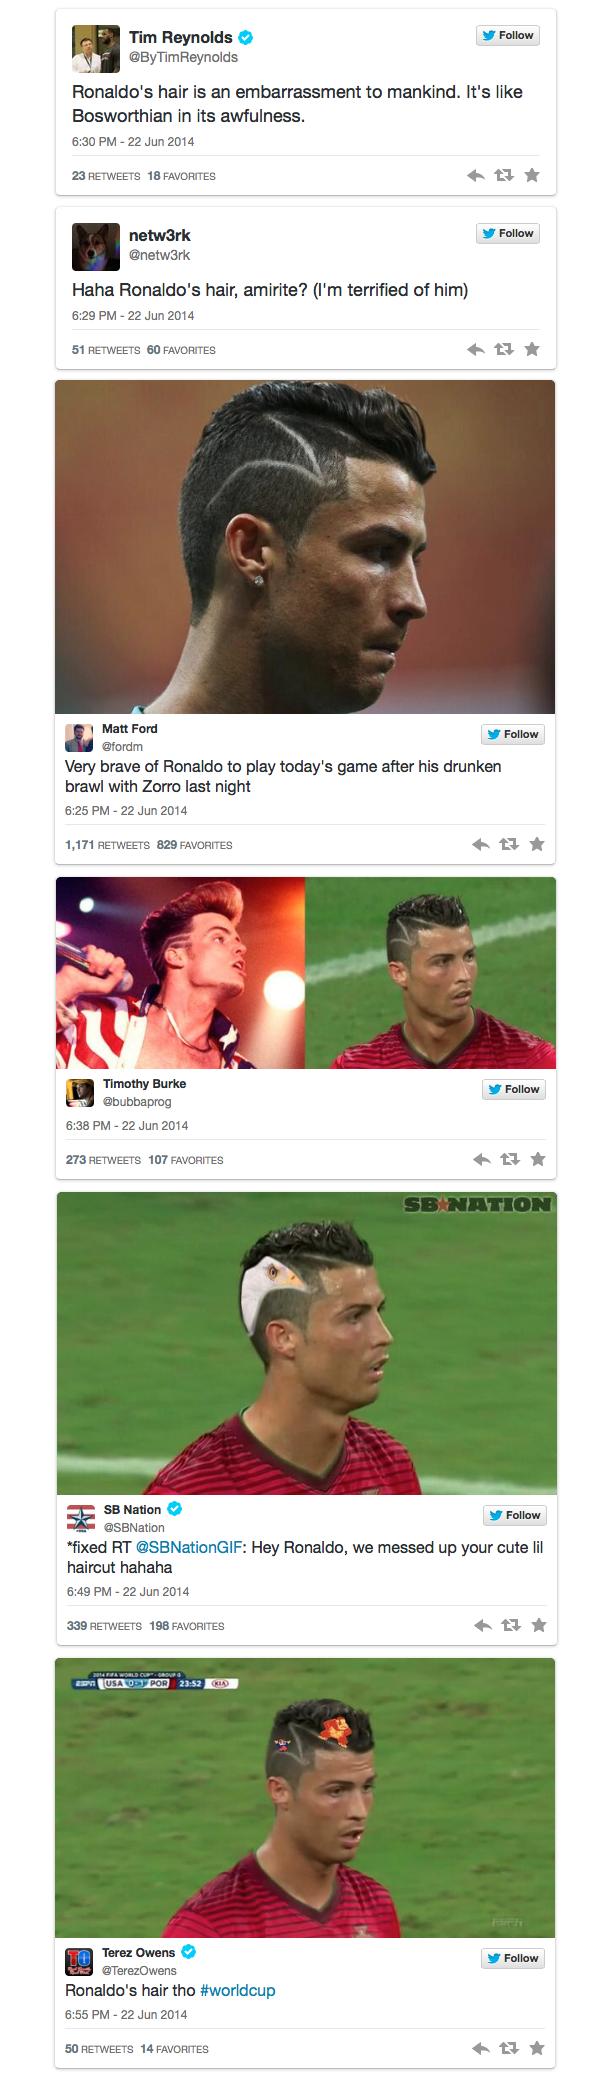 ronaldo hair twitter reaction 2